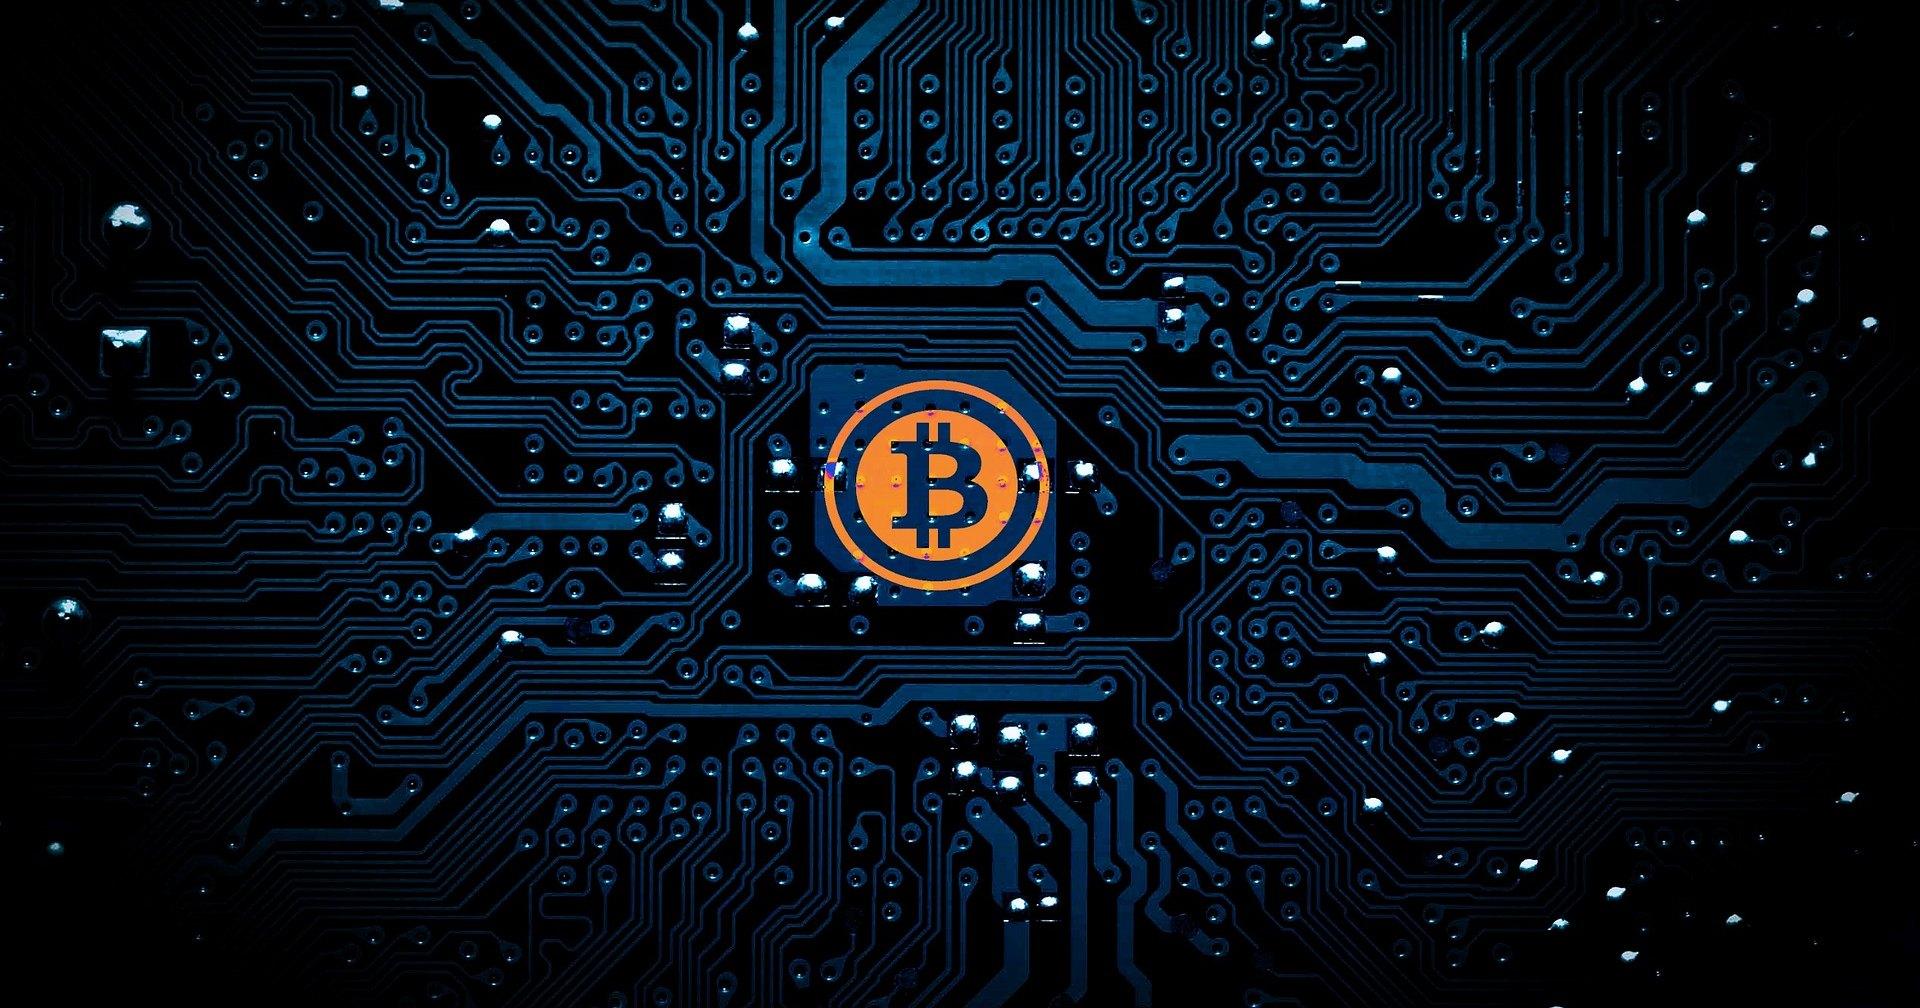 От соцсетей до мессенджеров: как развиваются криптовалюты